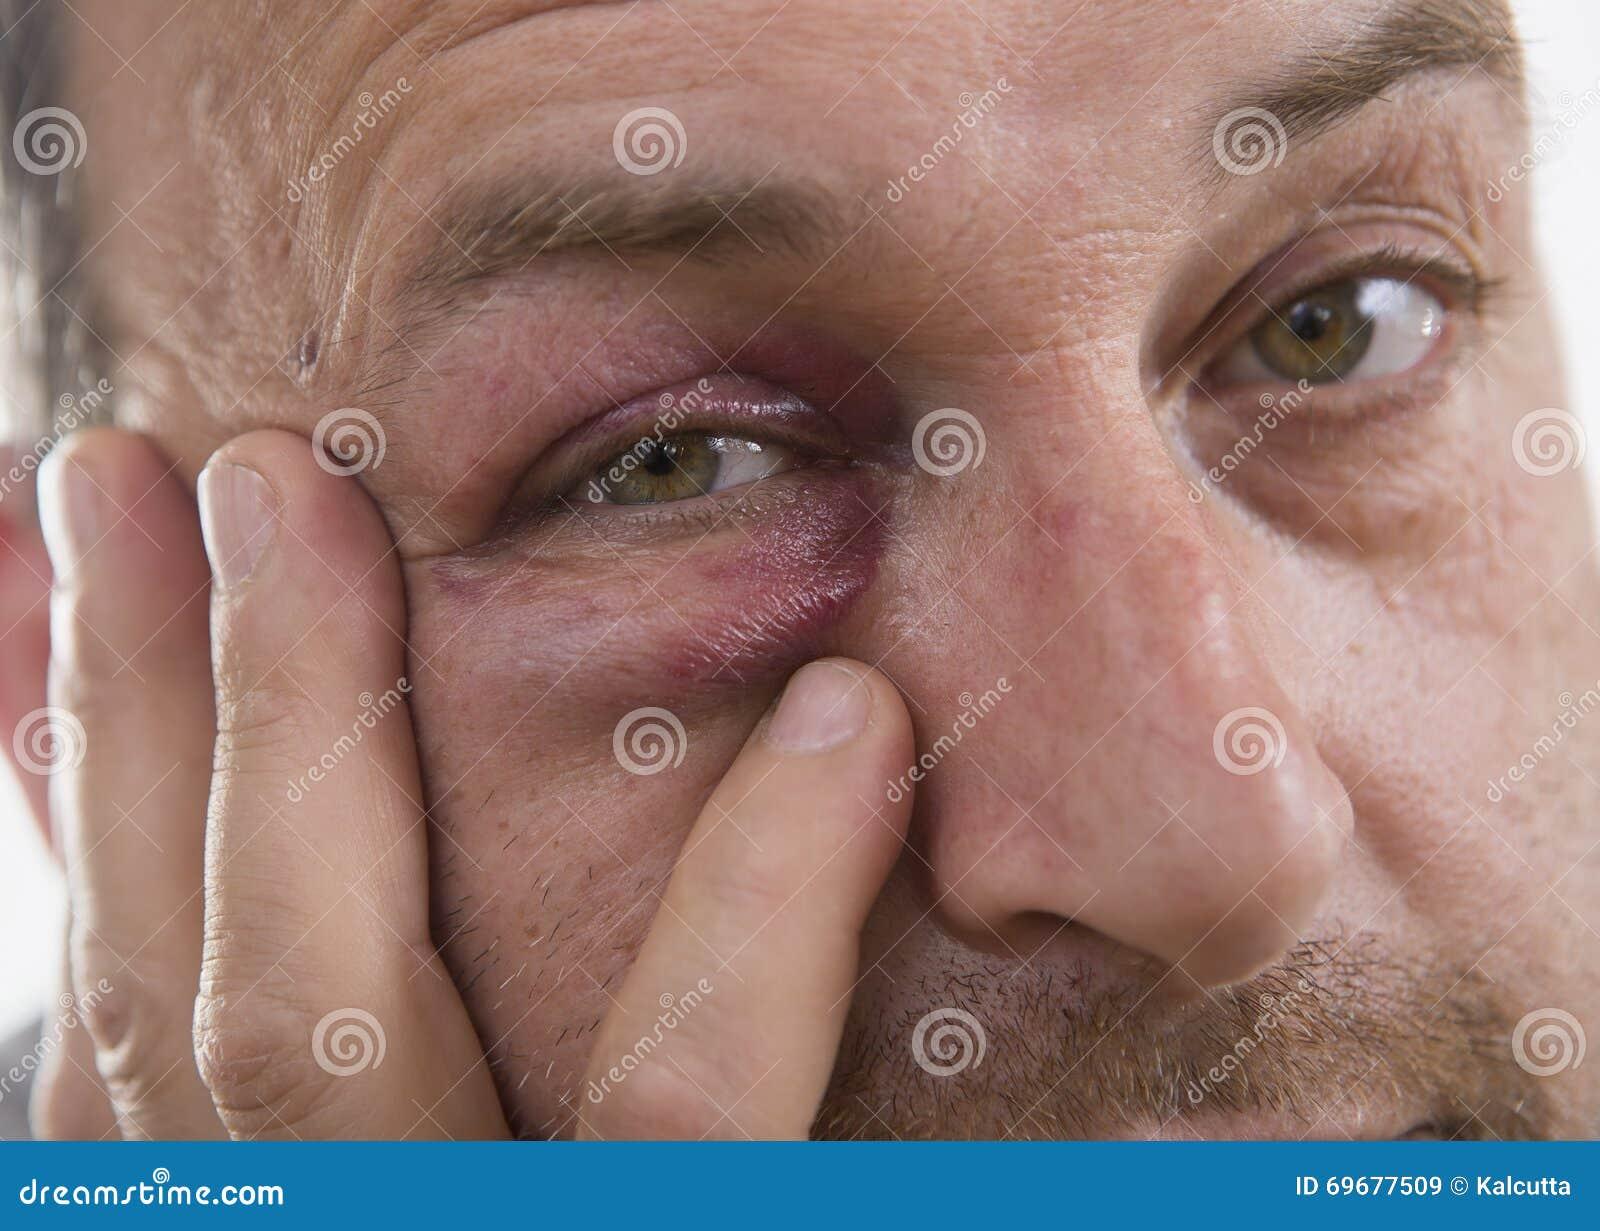 Medelålders Caucasian manlig emotionell stående med ett verkligt blåmärke